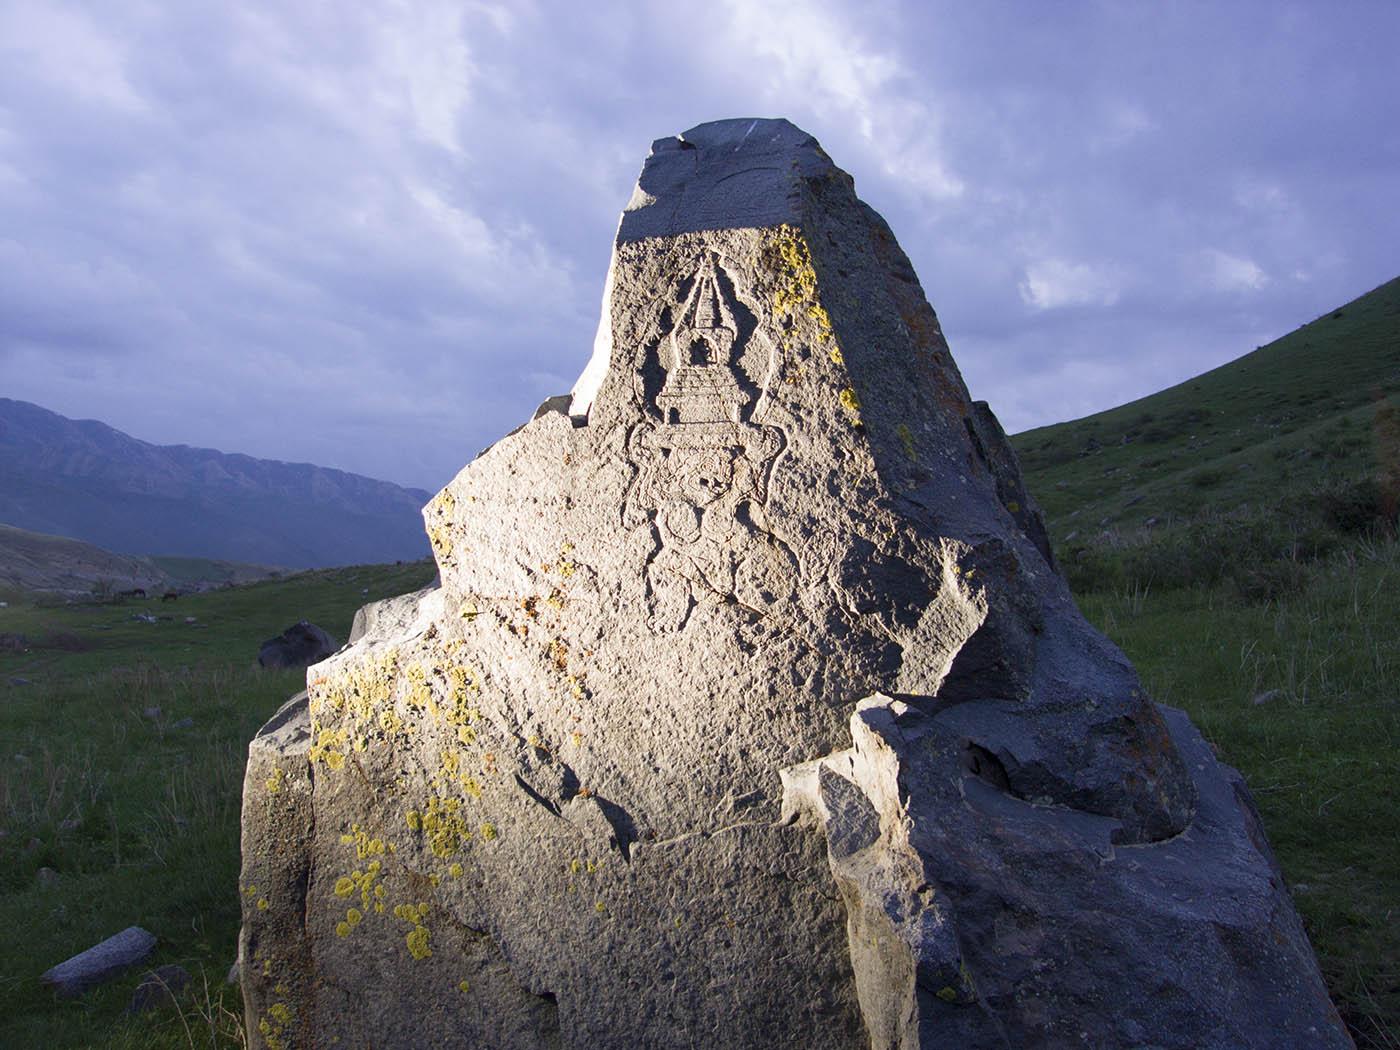 Казахстан, горы, буддизм, ступа, символы, , Борис Резванцев